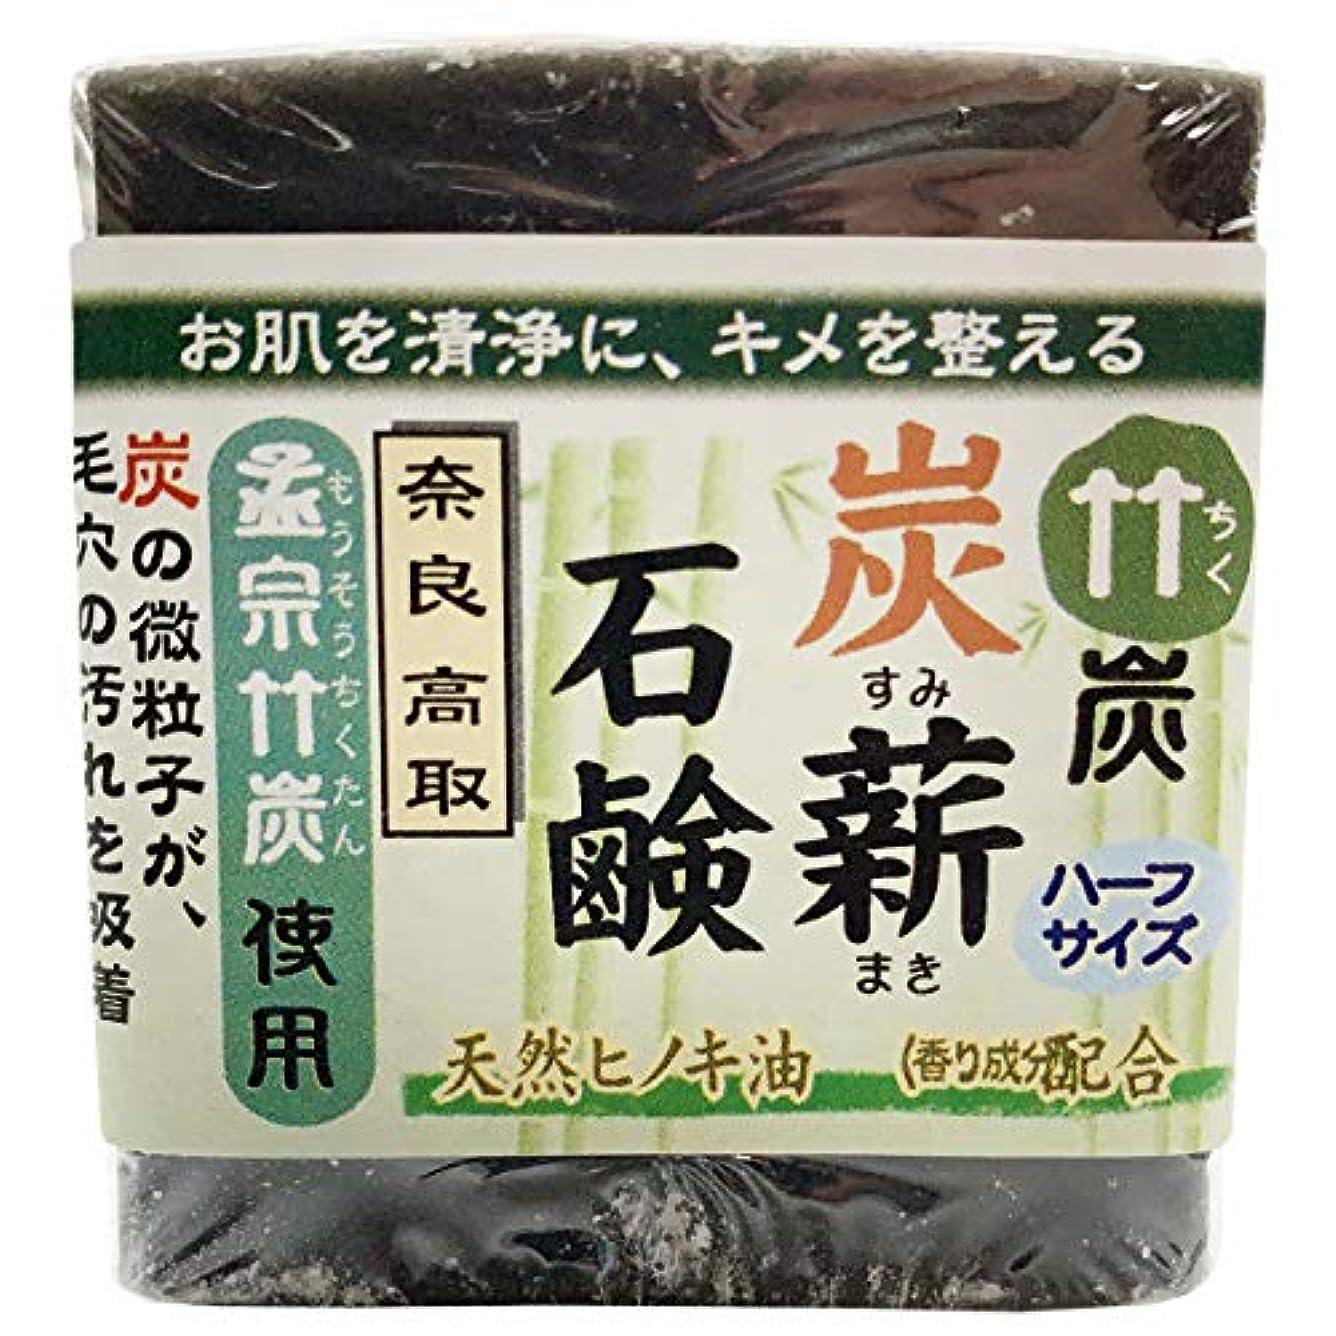 アーサー仕事金銭的な竹炭石けん 孟宗竹炭使用 天然ヒノキ油配合 お肌を清浄にキメを整える